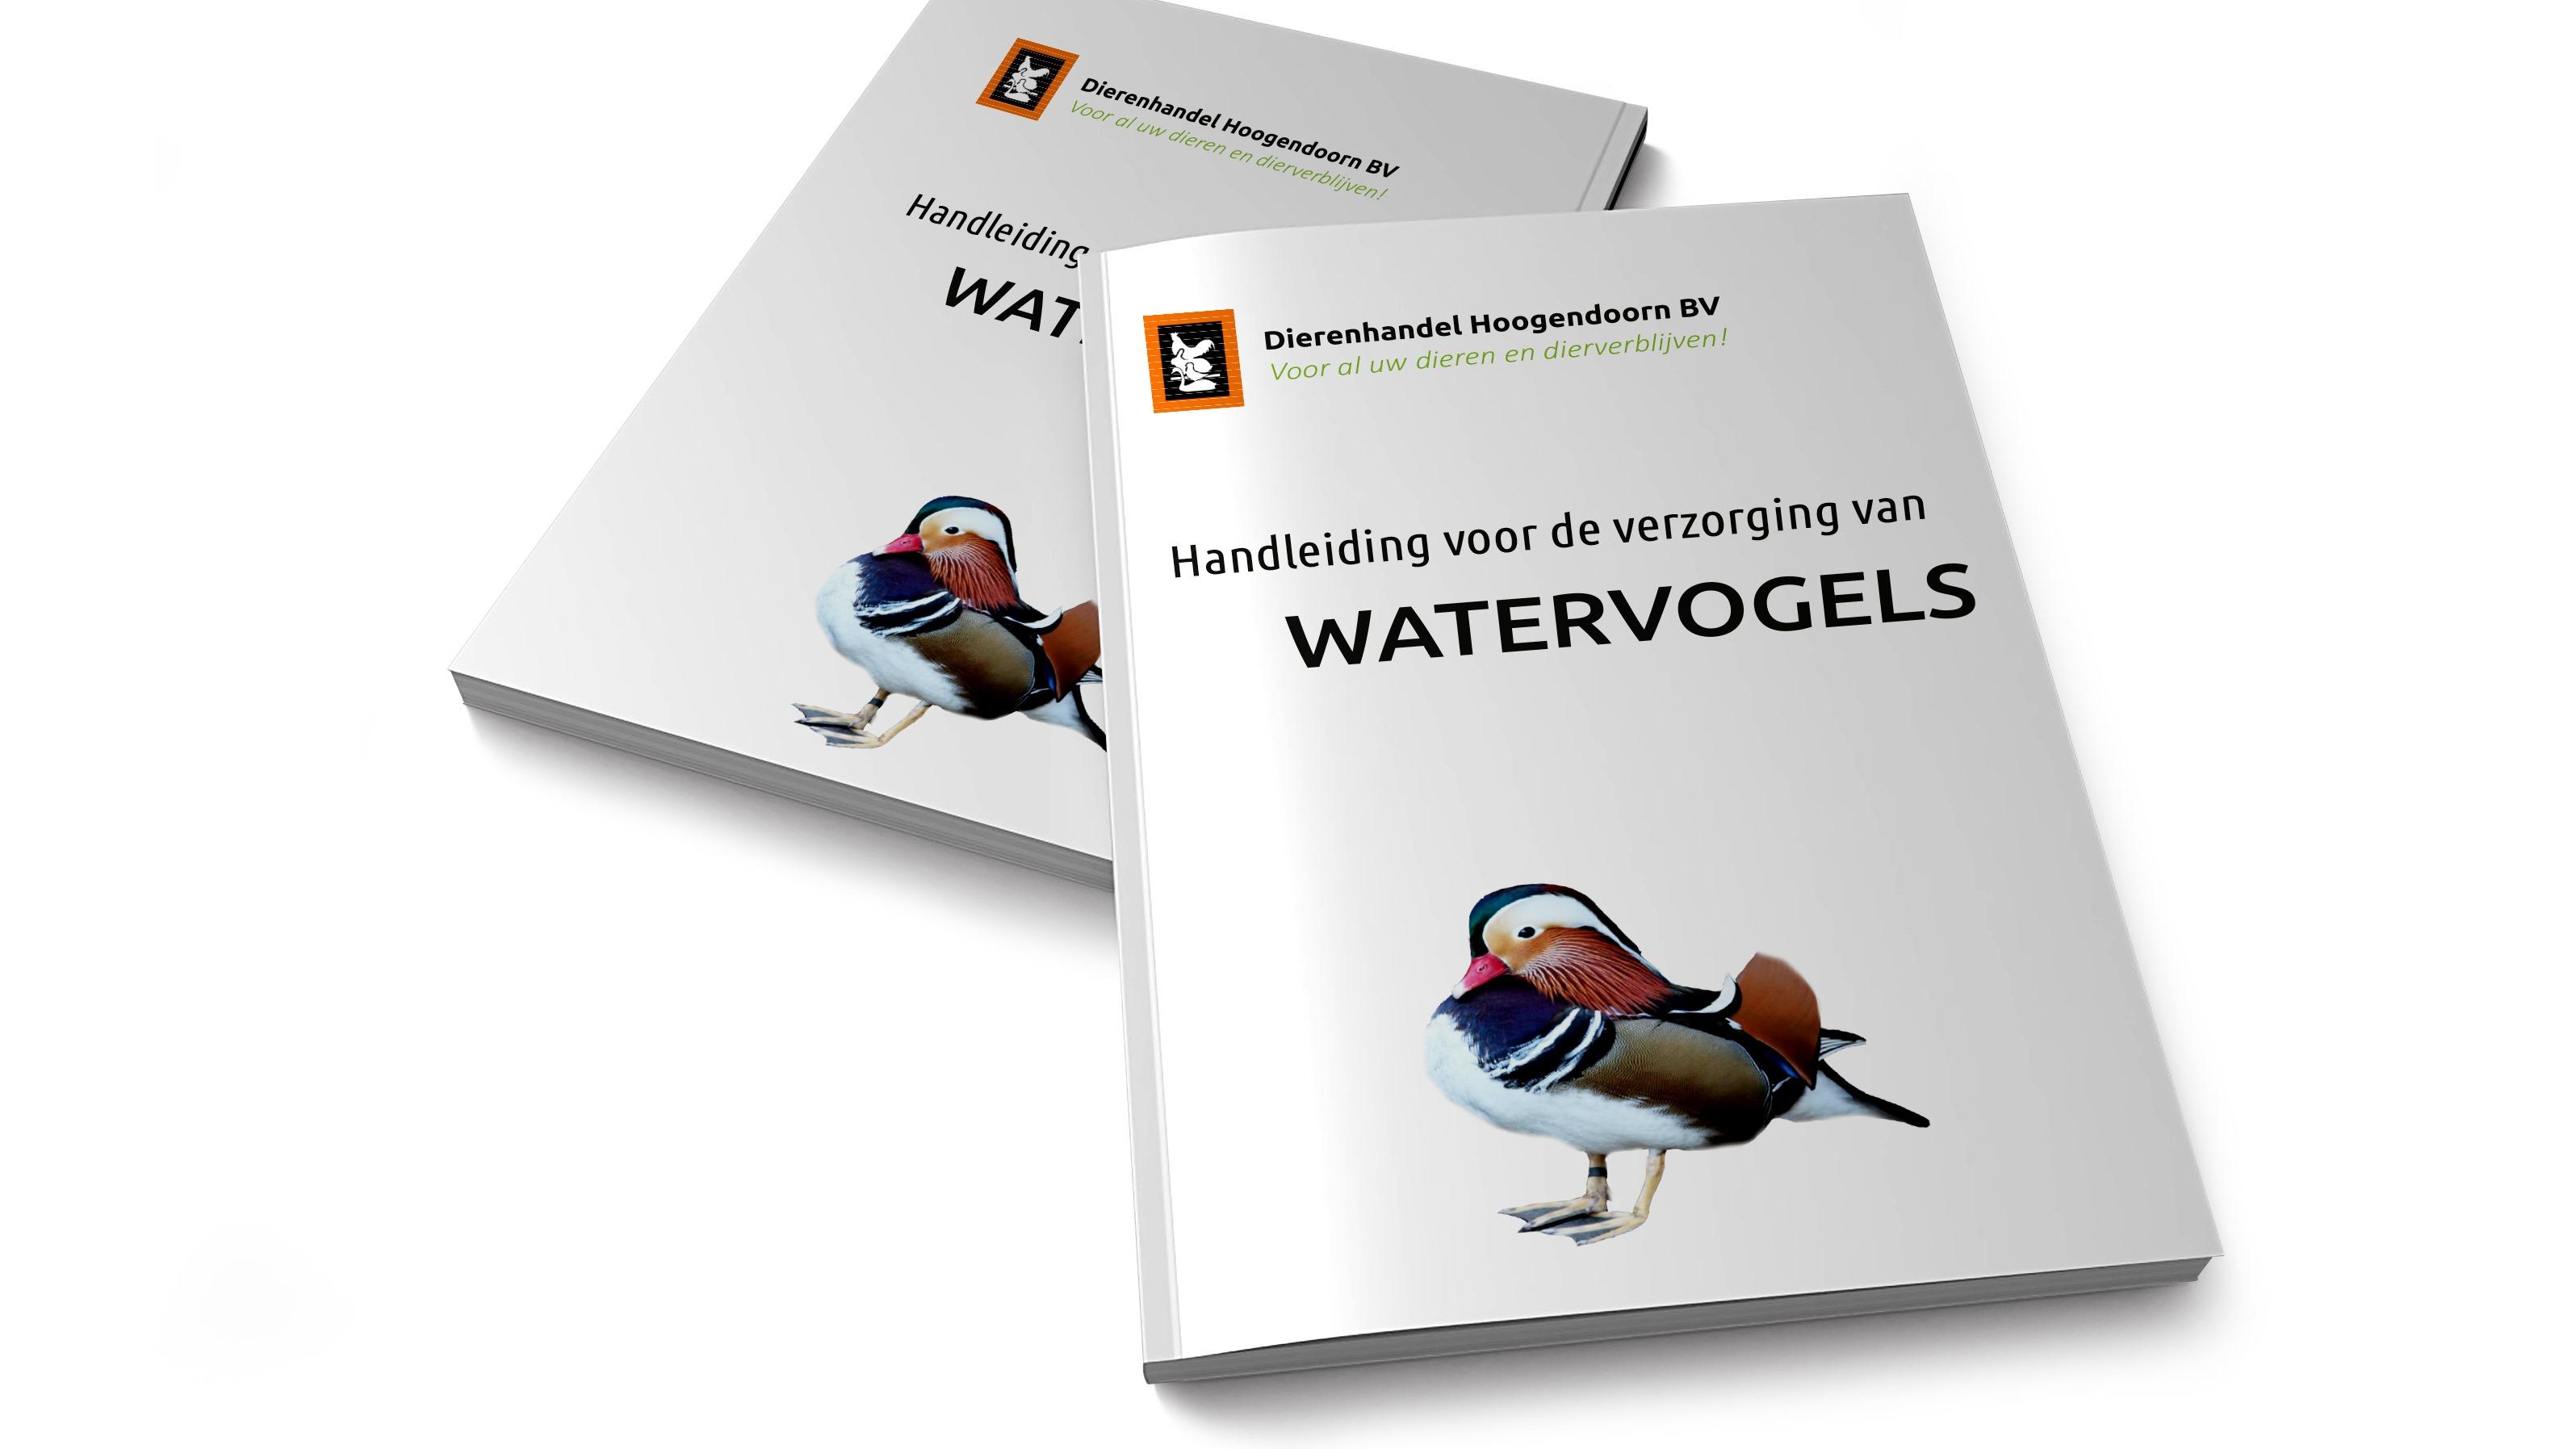 Handleiding watervogel